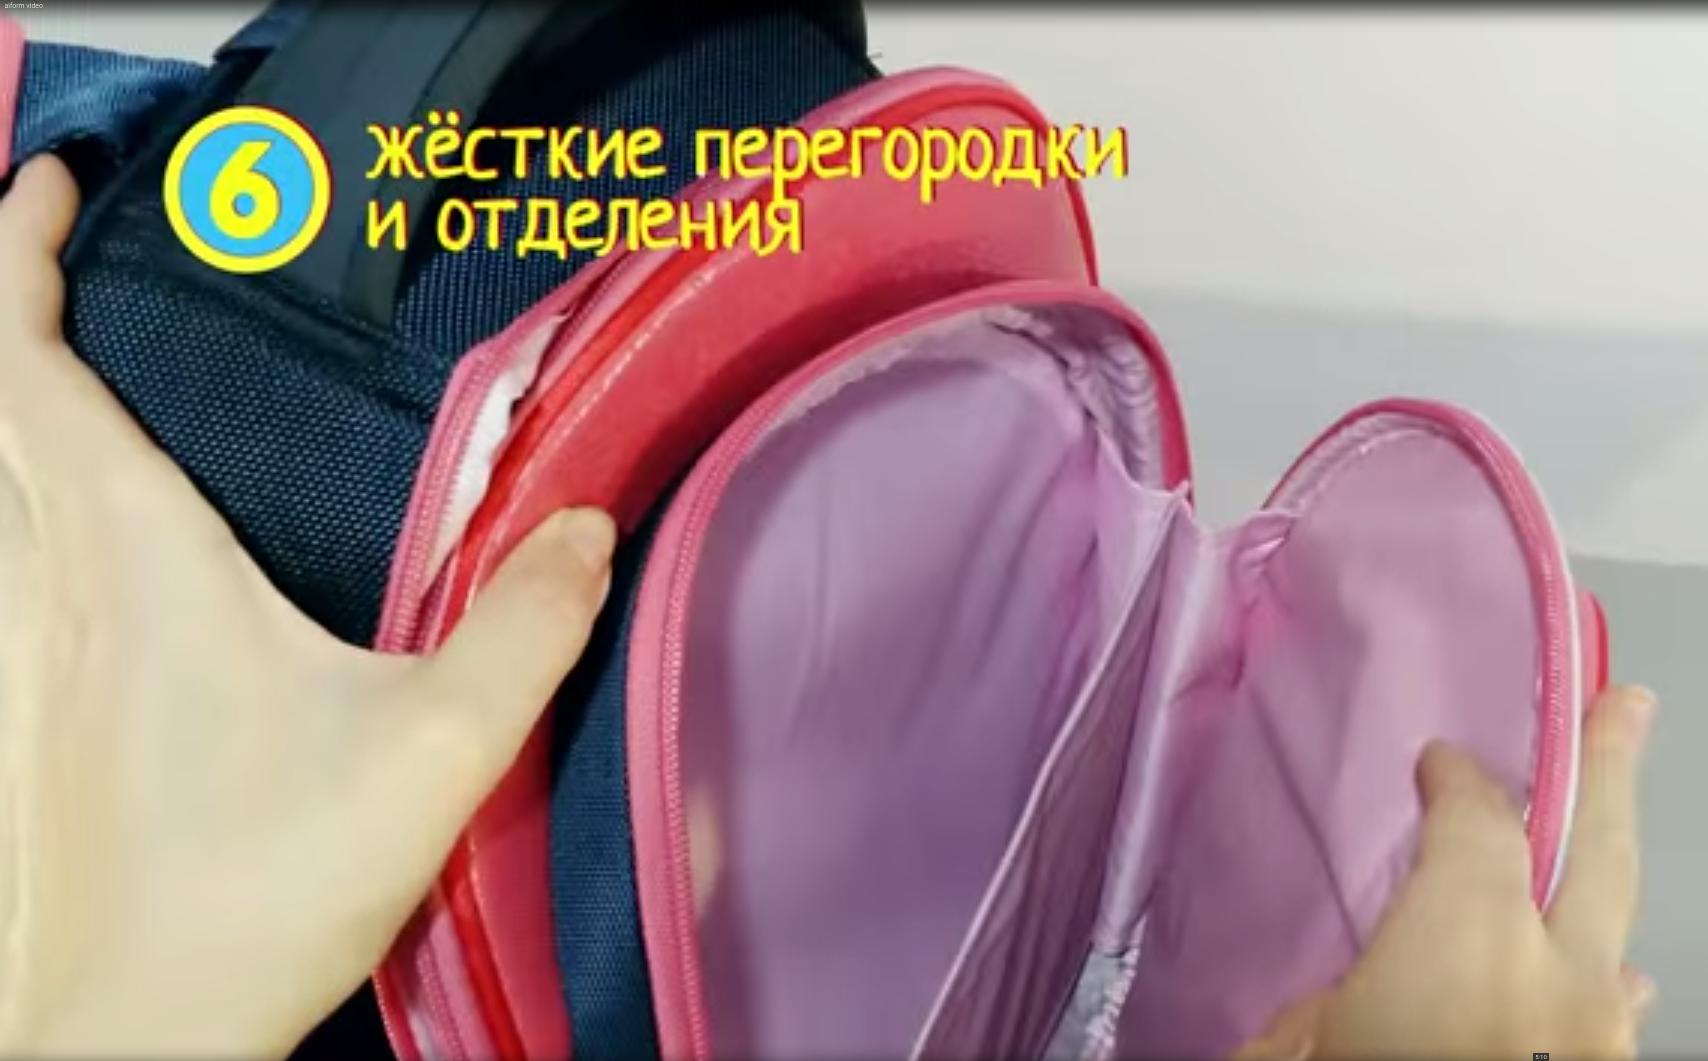 Школьный рюкзак Hummingbird TK50 официальный с мешком для обуви, - фото 6